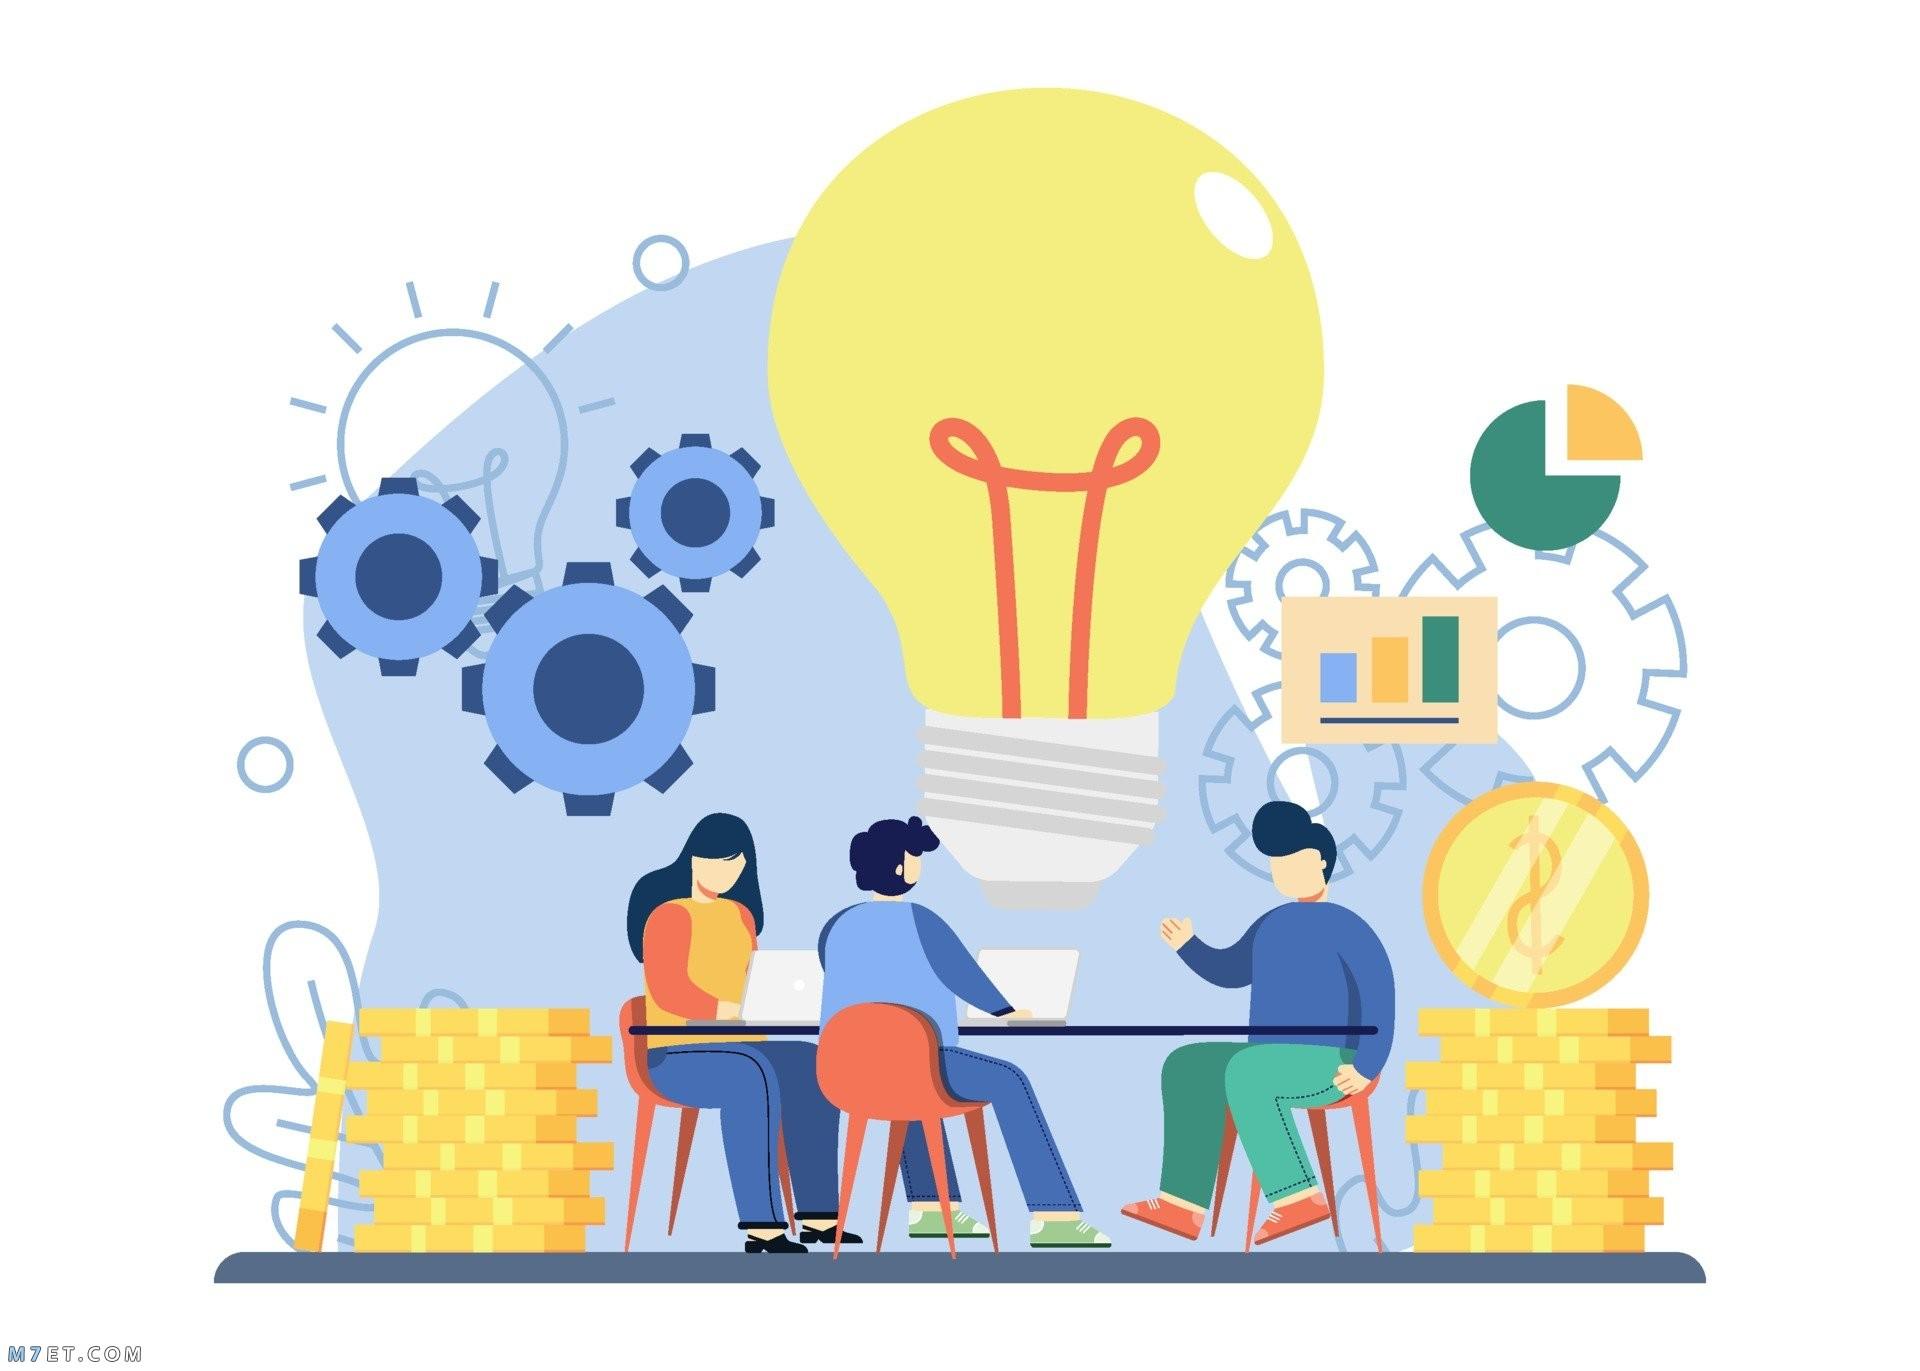 بحث عن ريادة الأعمال